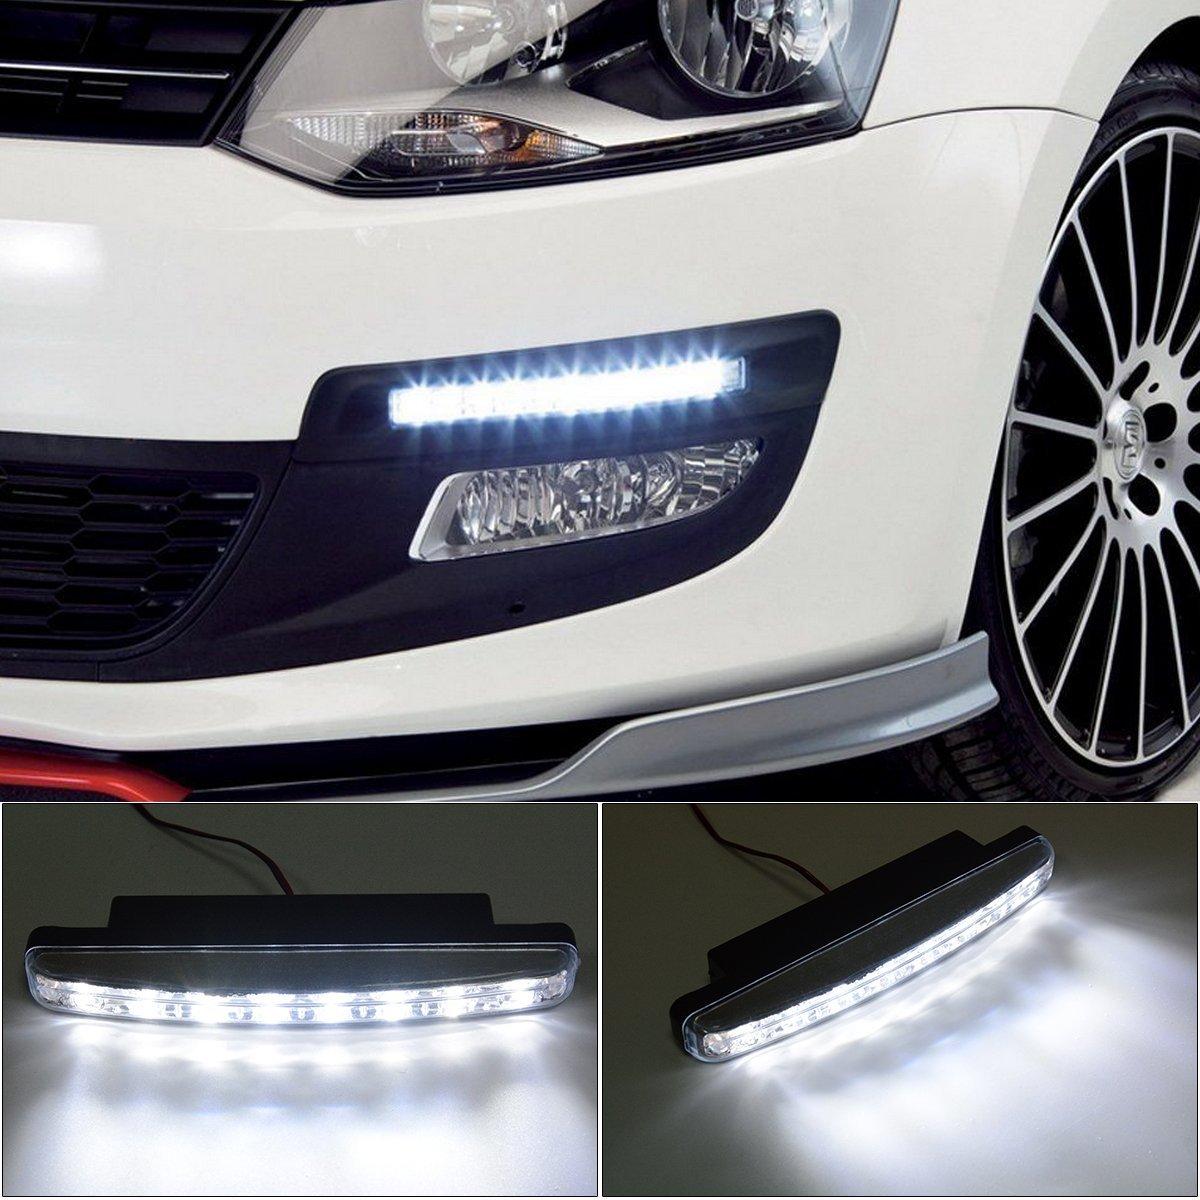 lampe led voiture lampe led 12v voiture images object moved 2 h4 lampe ampoule bulb a 120 smd. Black Bedroom Furniture Sets. Home Design Ideas